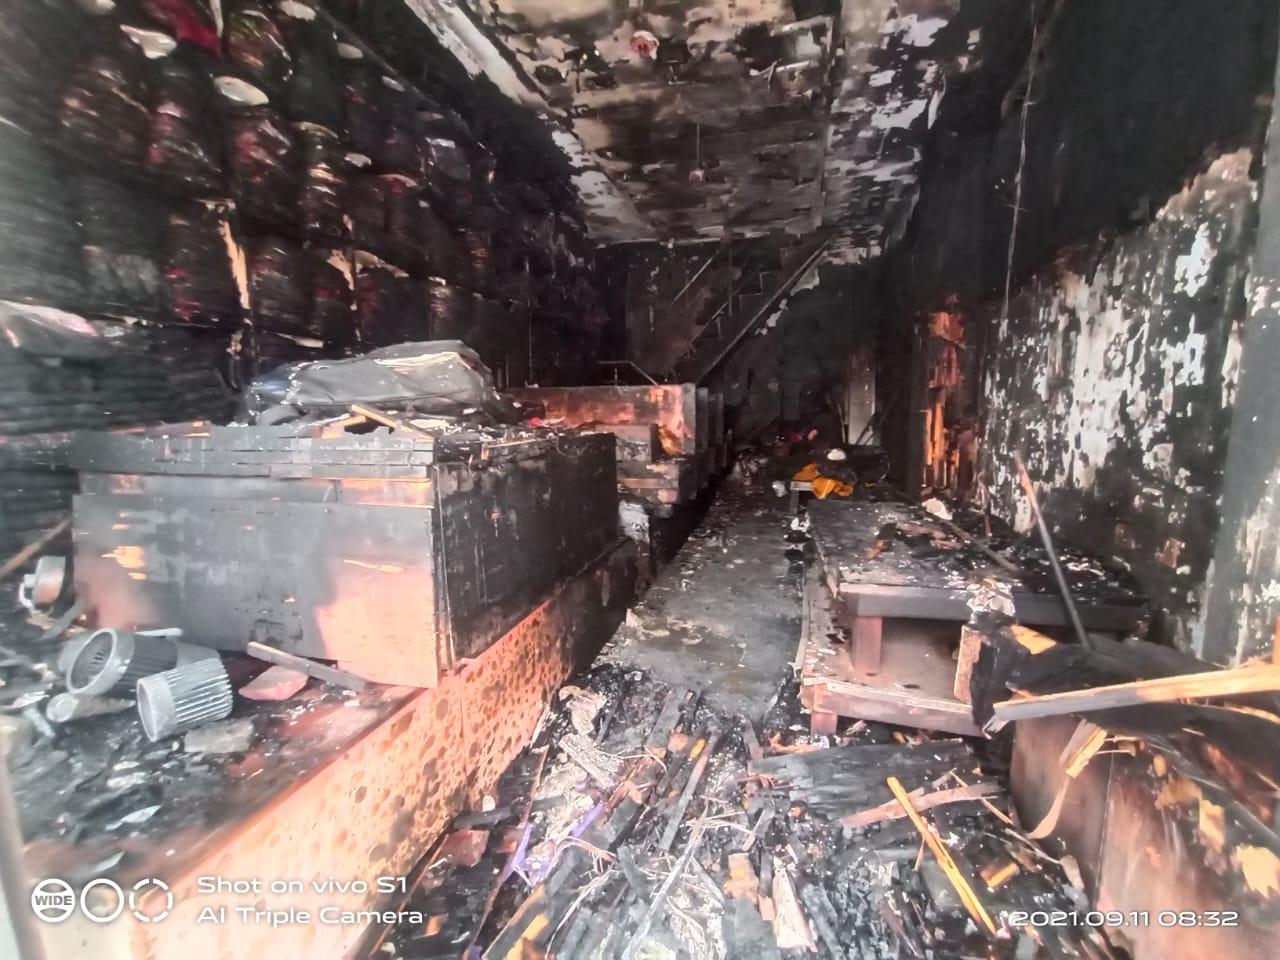 देर रात शार्ट सर्किट से लगी आग, 25 लाख के लेडीज कपड़े जलकर खाक, व्यापारियों ने की मुआवजे की मांग|आगरा,Agra - Dainik Bhaskar